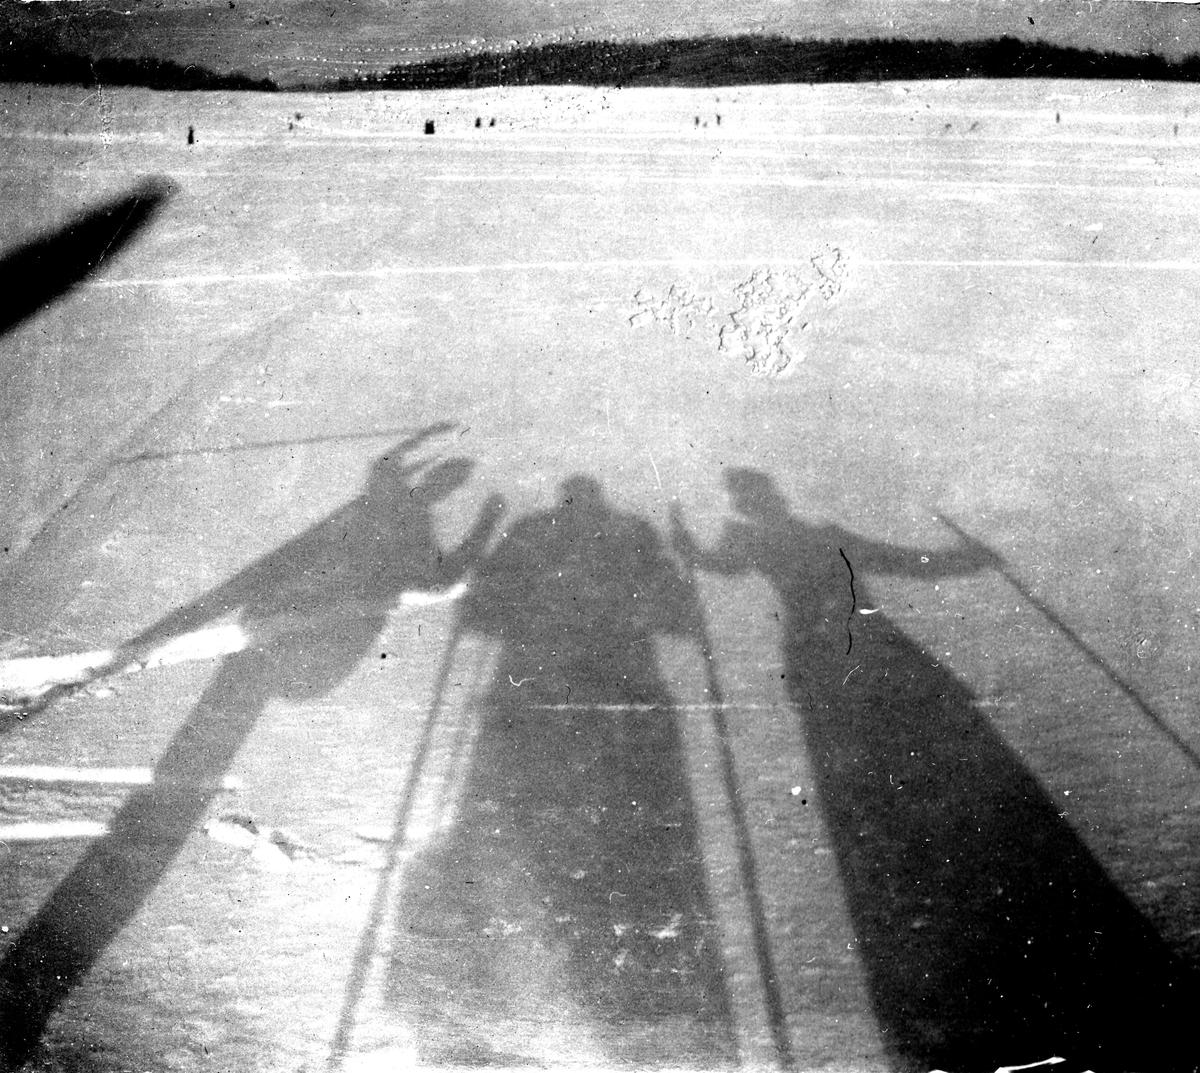 Skidåkare, skuggbilder. Fotograf Alfred Bergendahl. Givare H Bergendahl.